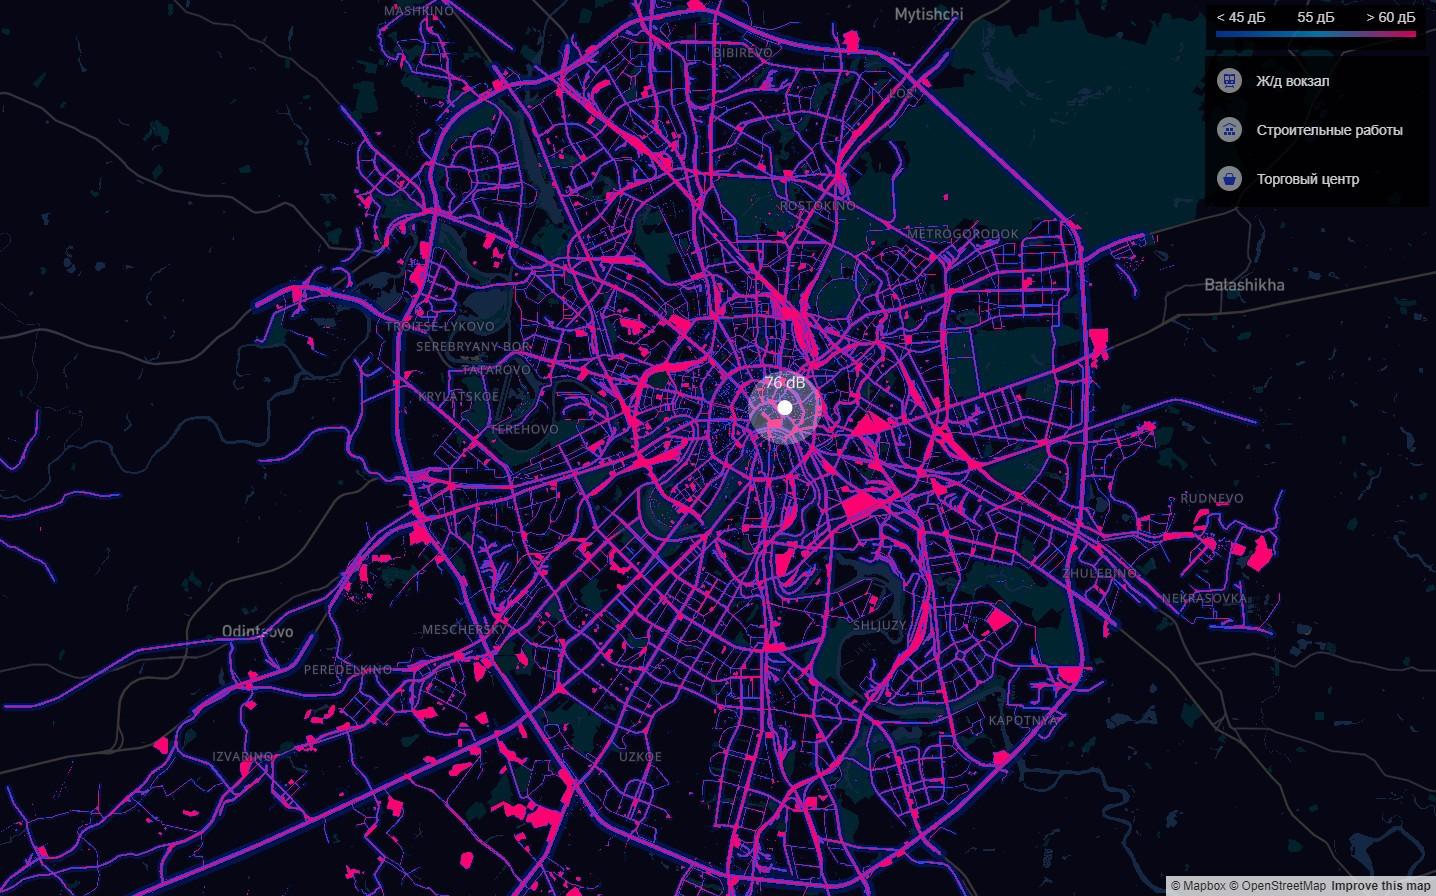 Карта шумового загрязнения Москвы